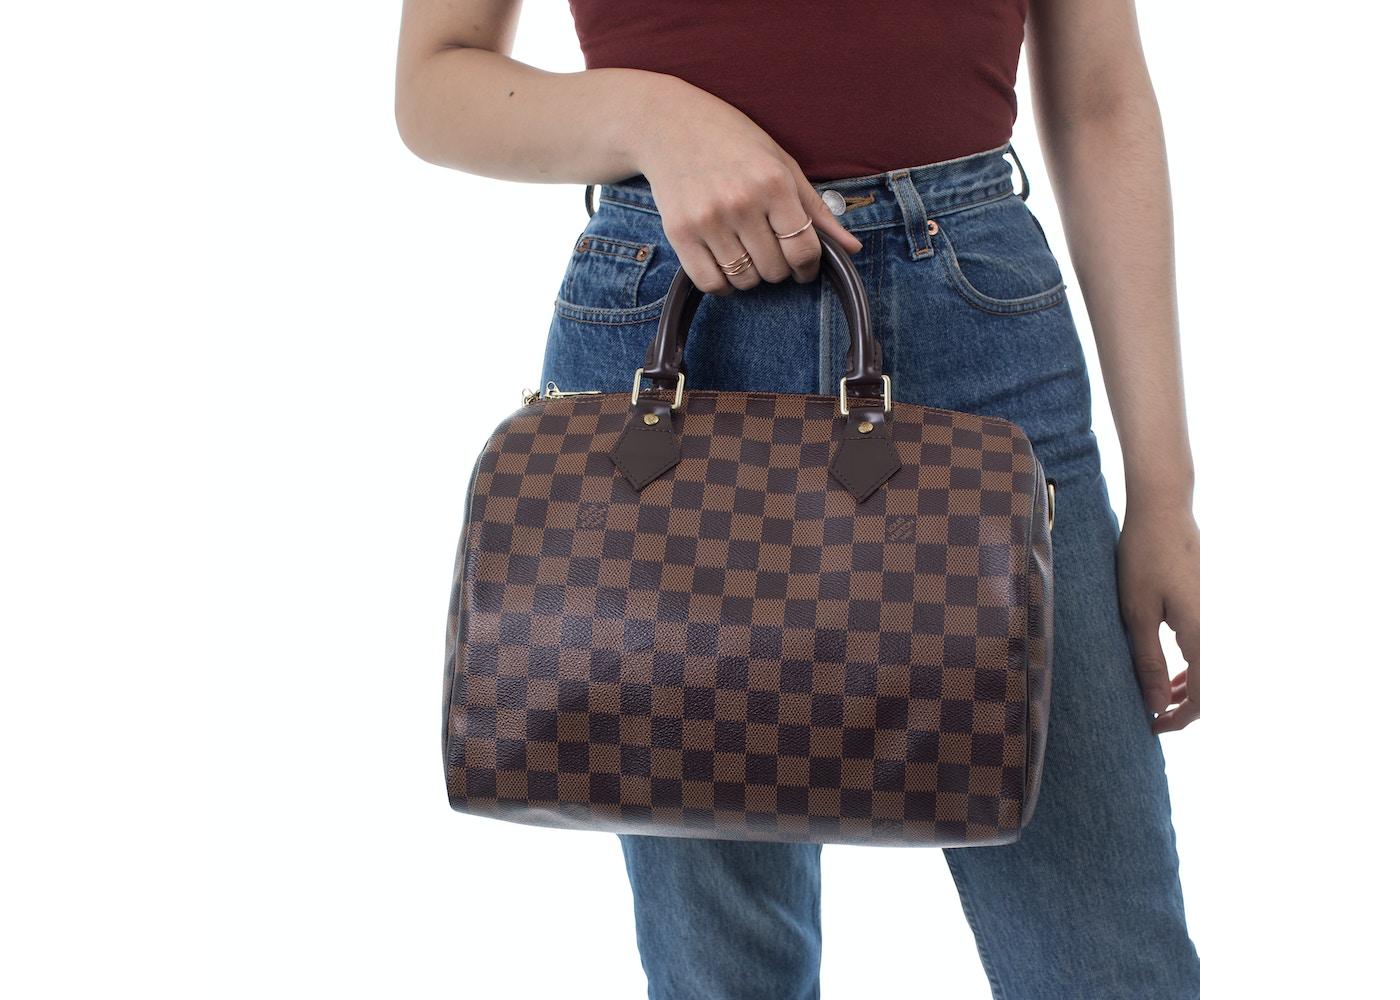 0f52268dad340 Louis Vuitton Speedy Bandouliere Damier Ebene 30 Brown